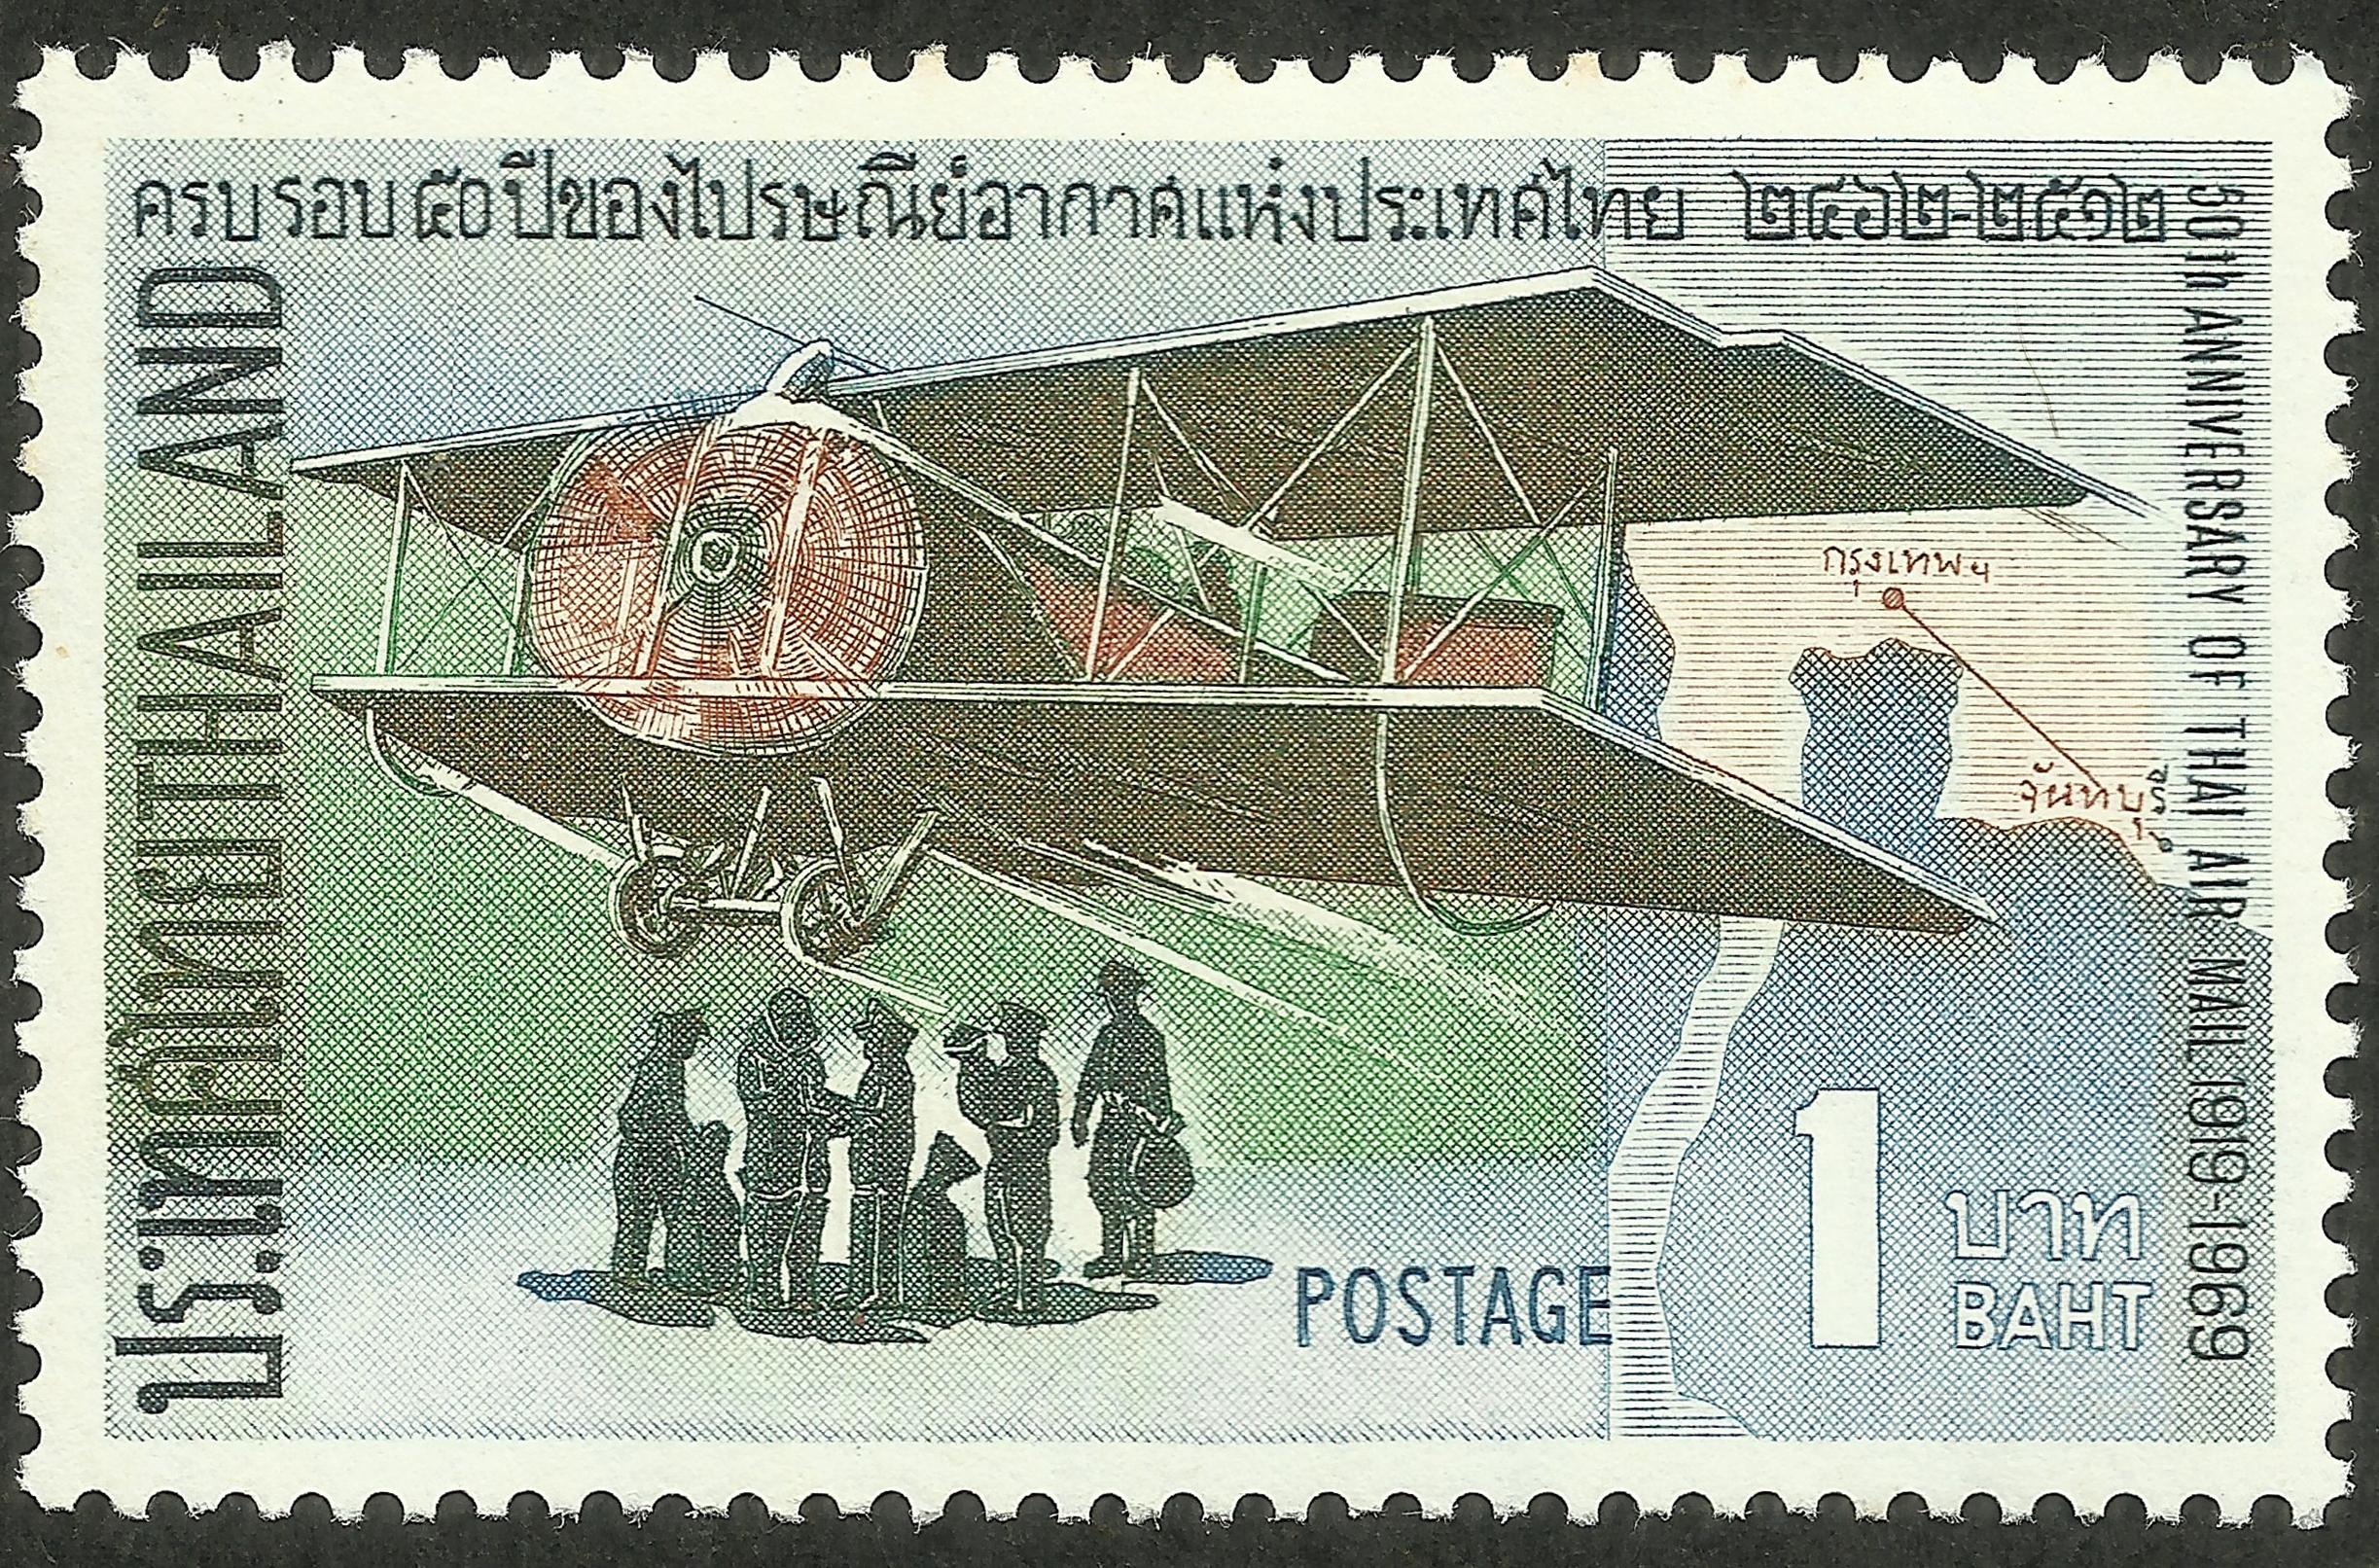 Thailand - Scott #542 (1969)